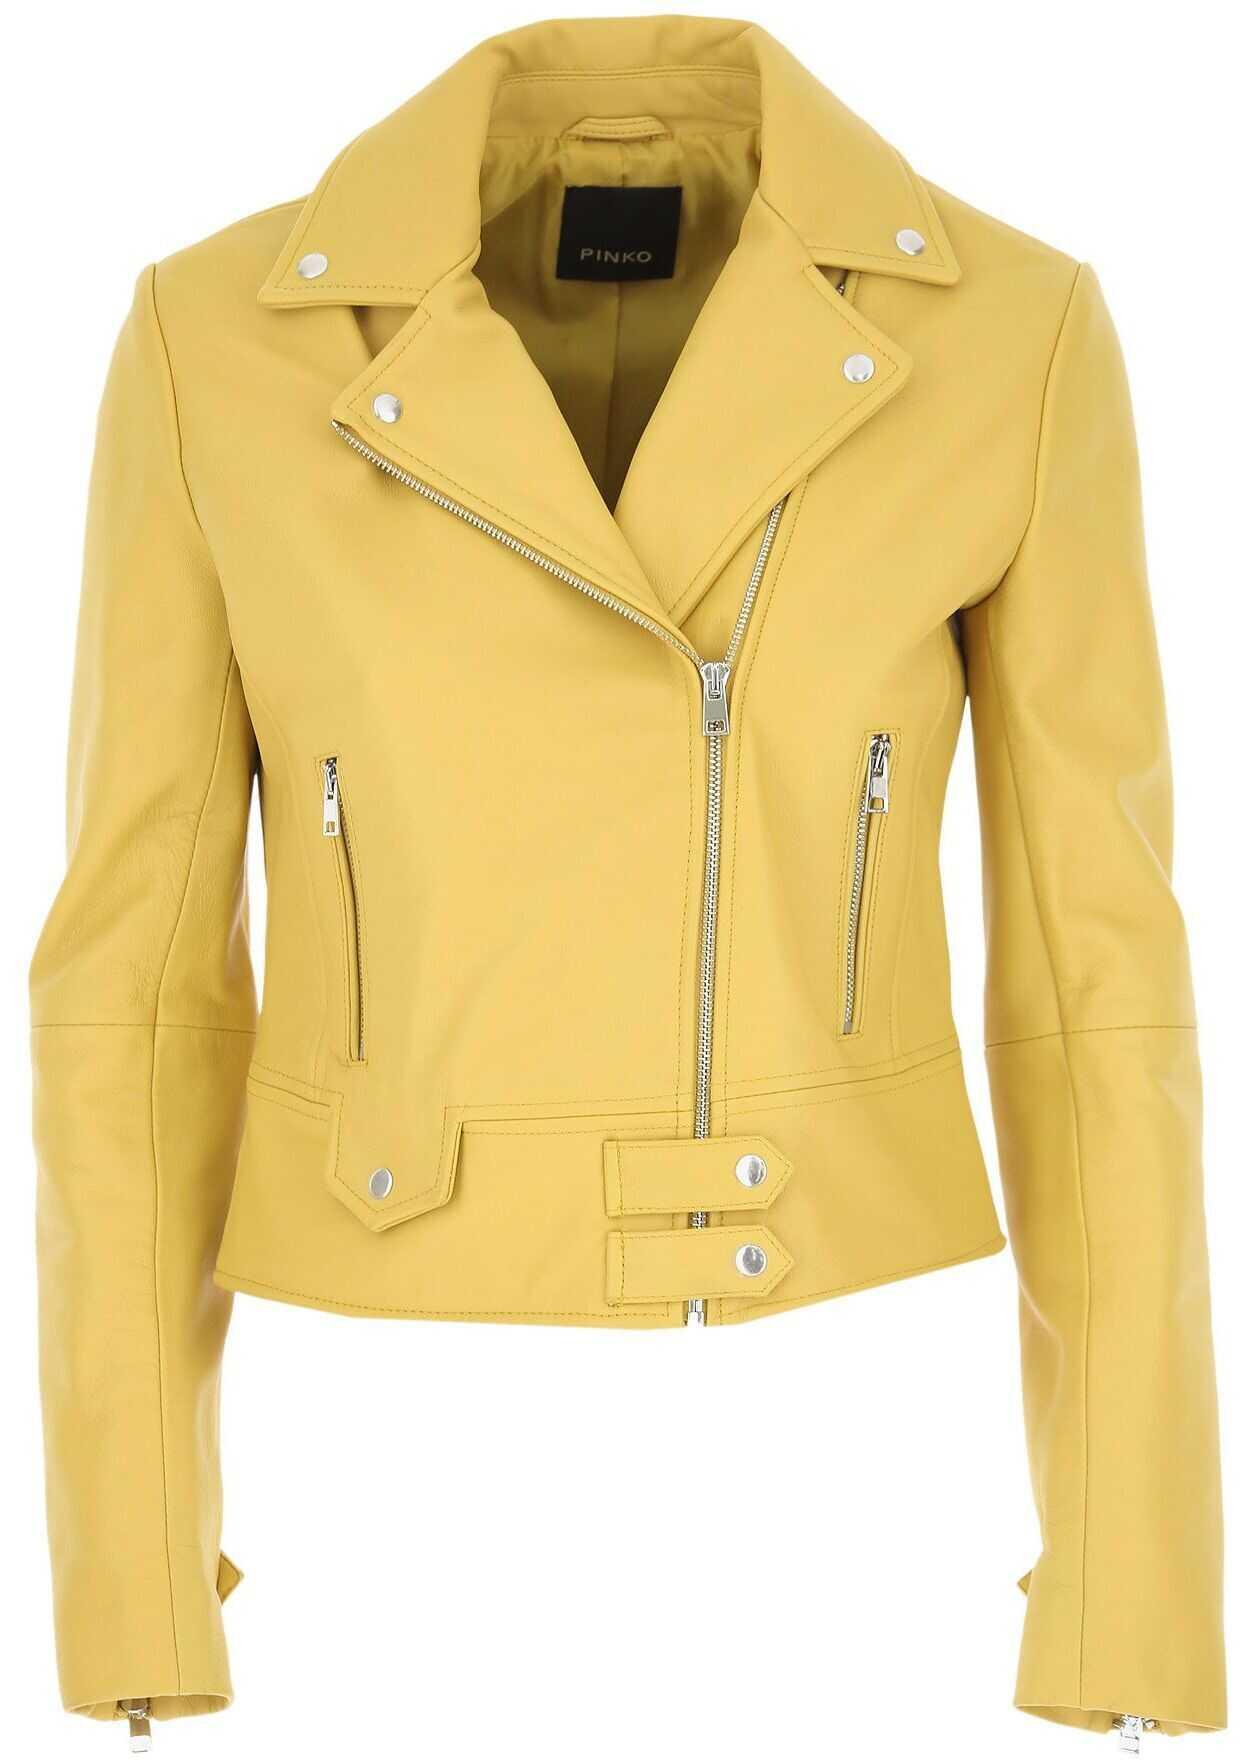 Pinko Leather Outerwear Jacket YELLOW